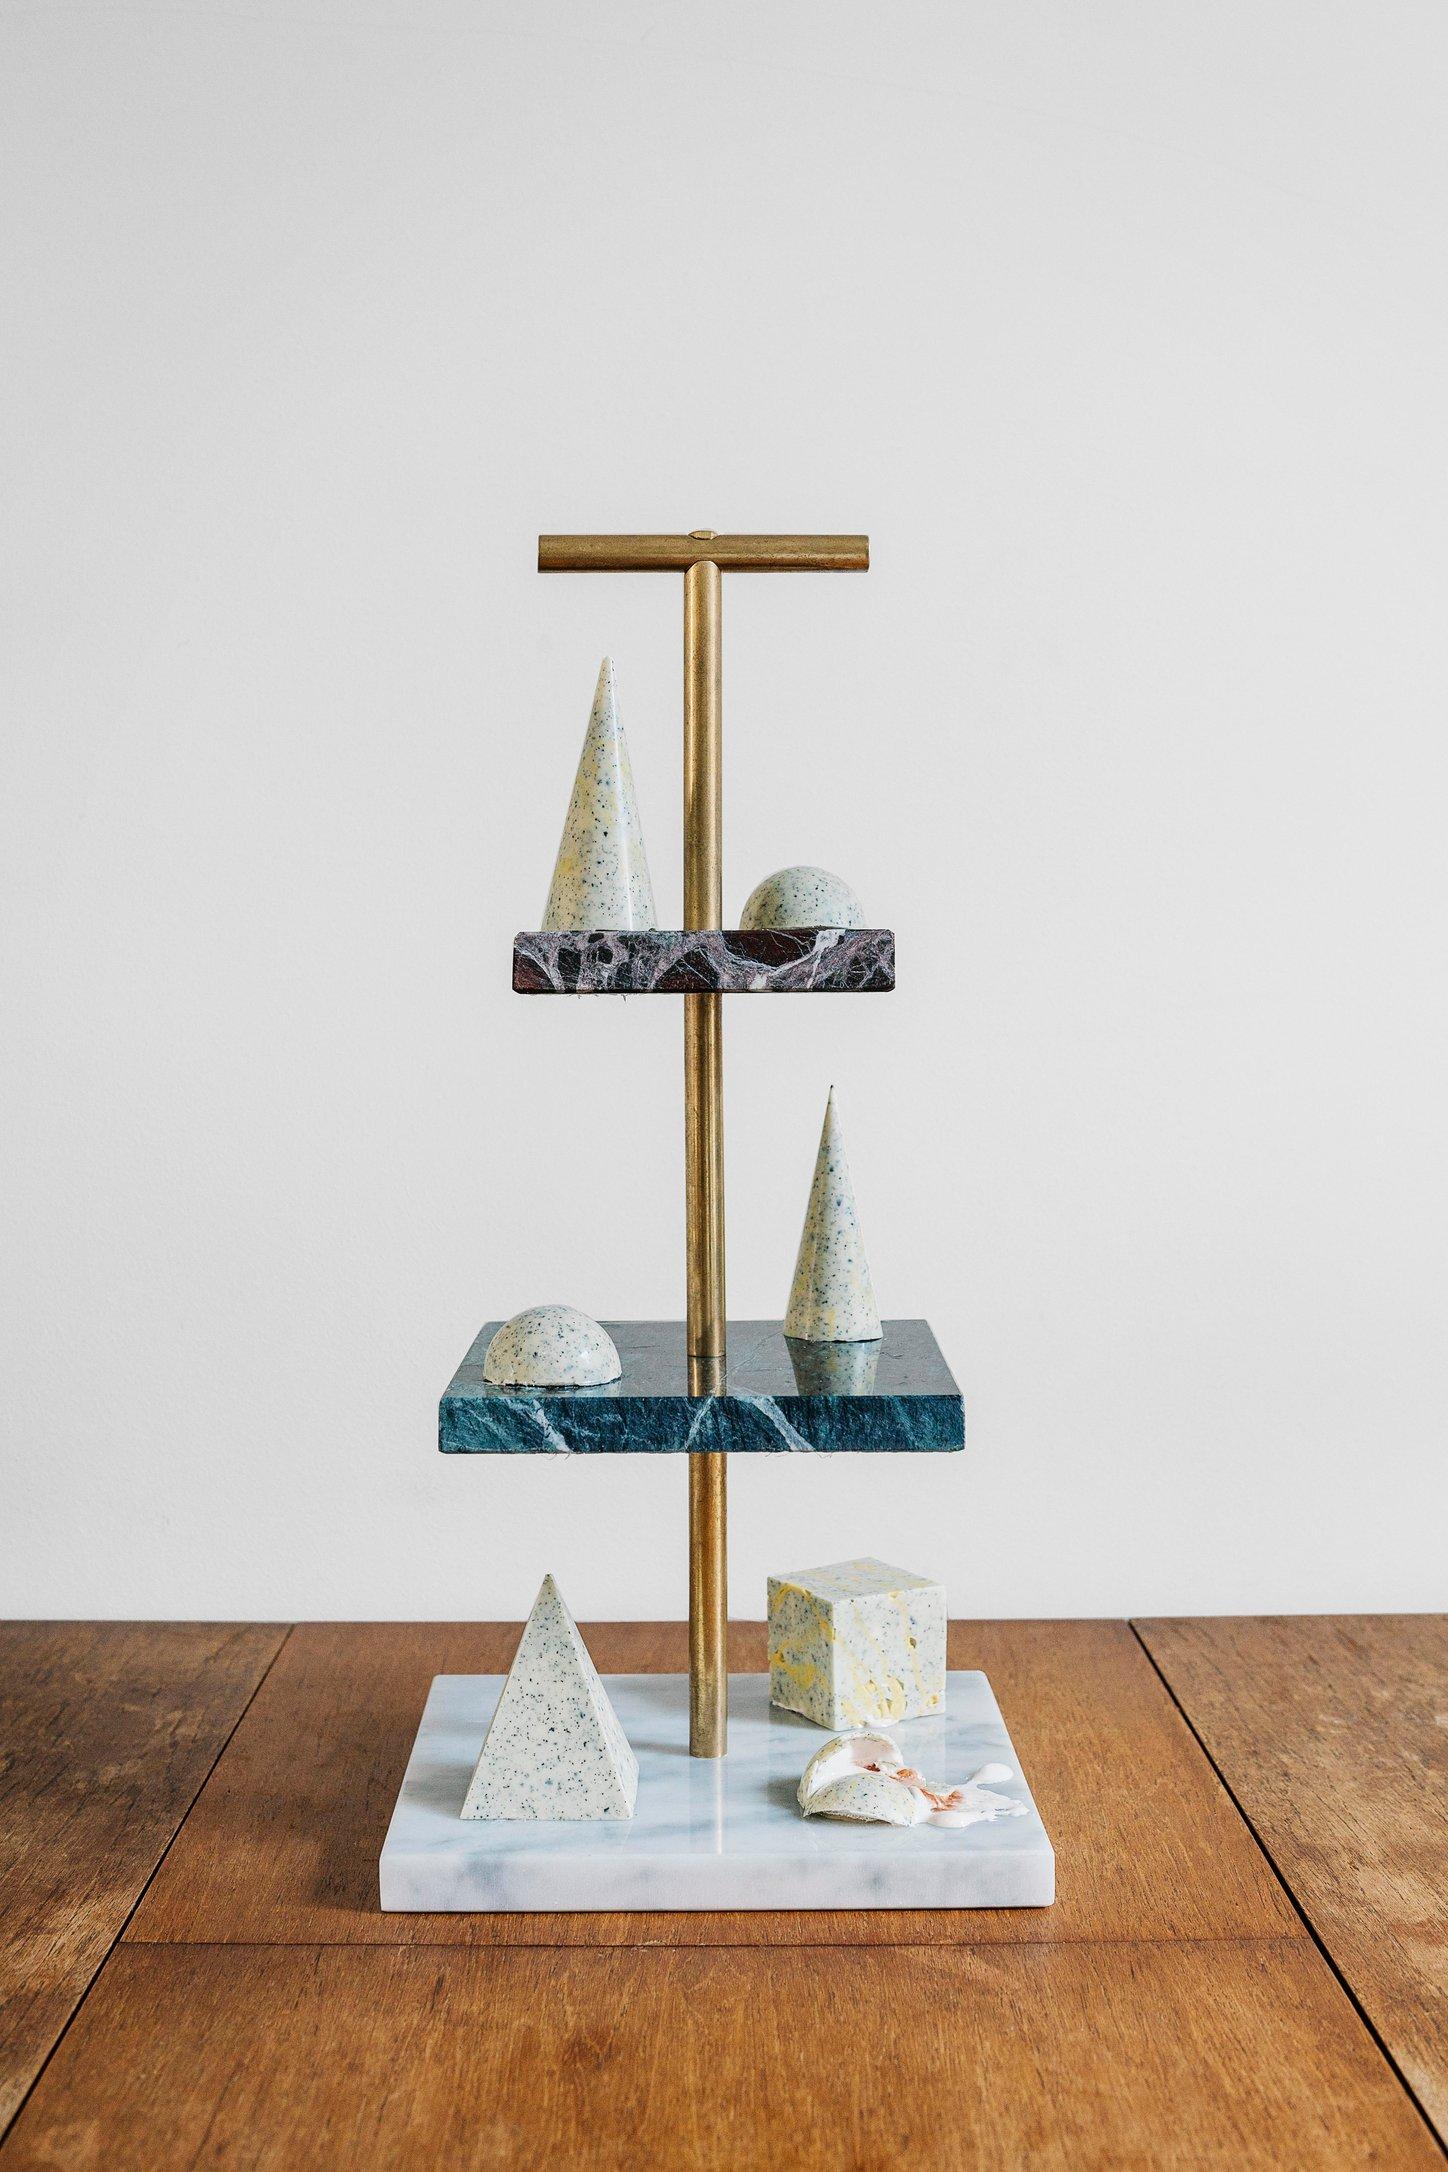 Flødeboller sweets by KUF Studios